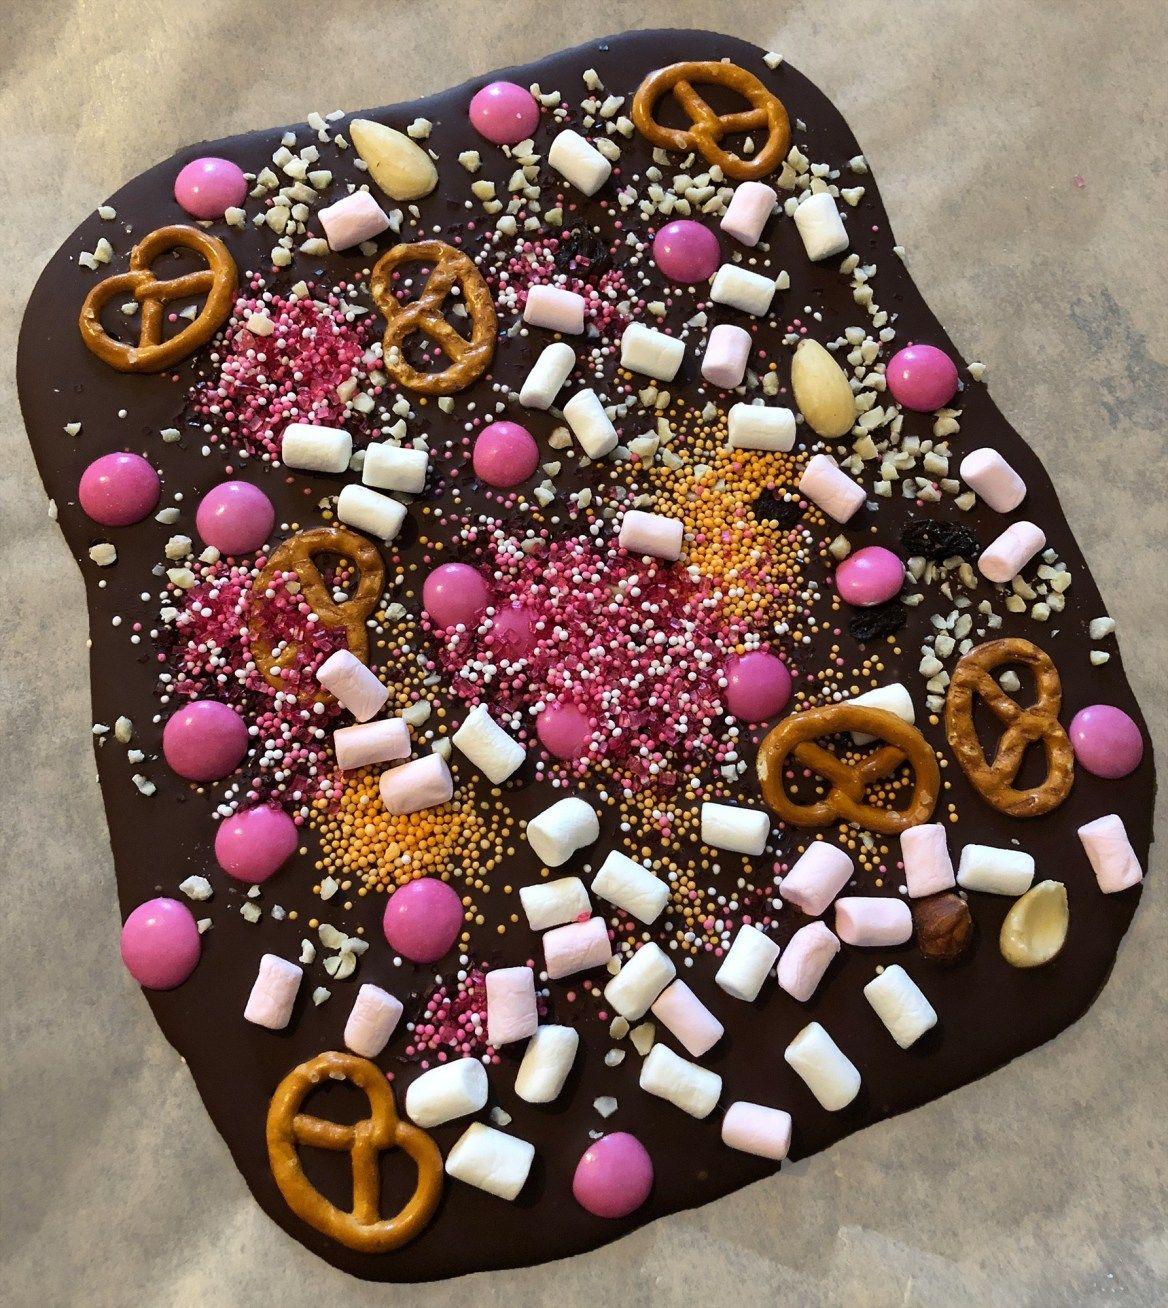 Bruch-Schokolade selber machen - Süße Geschenkidee zu Weihnachten